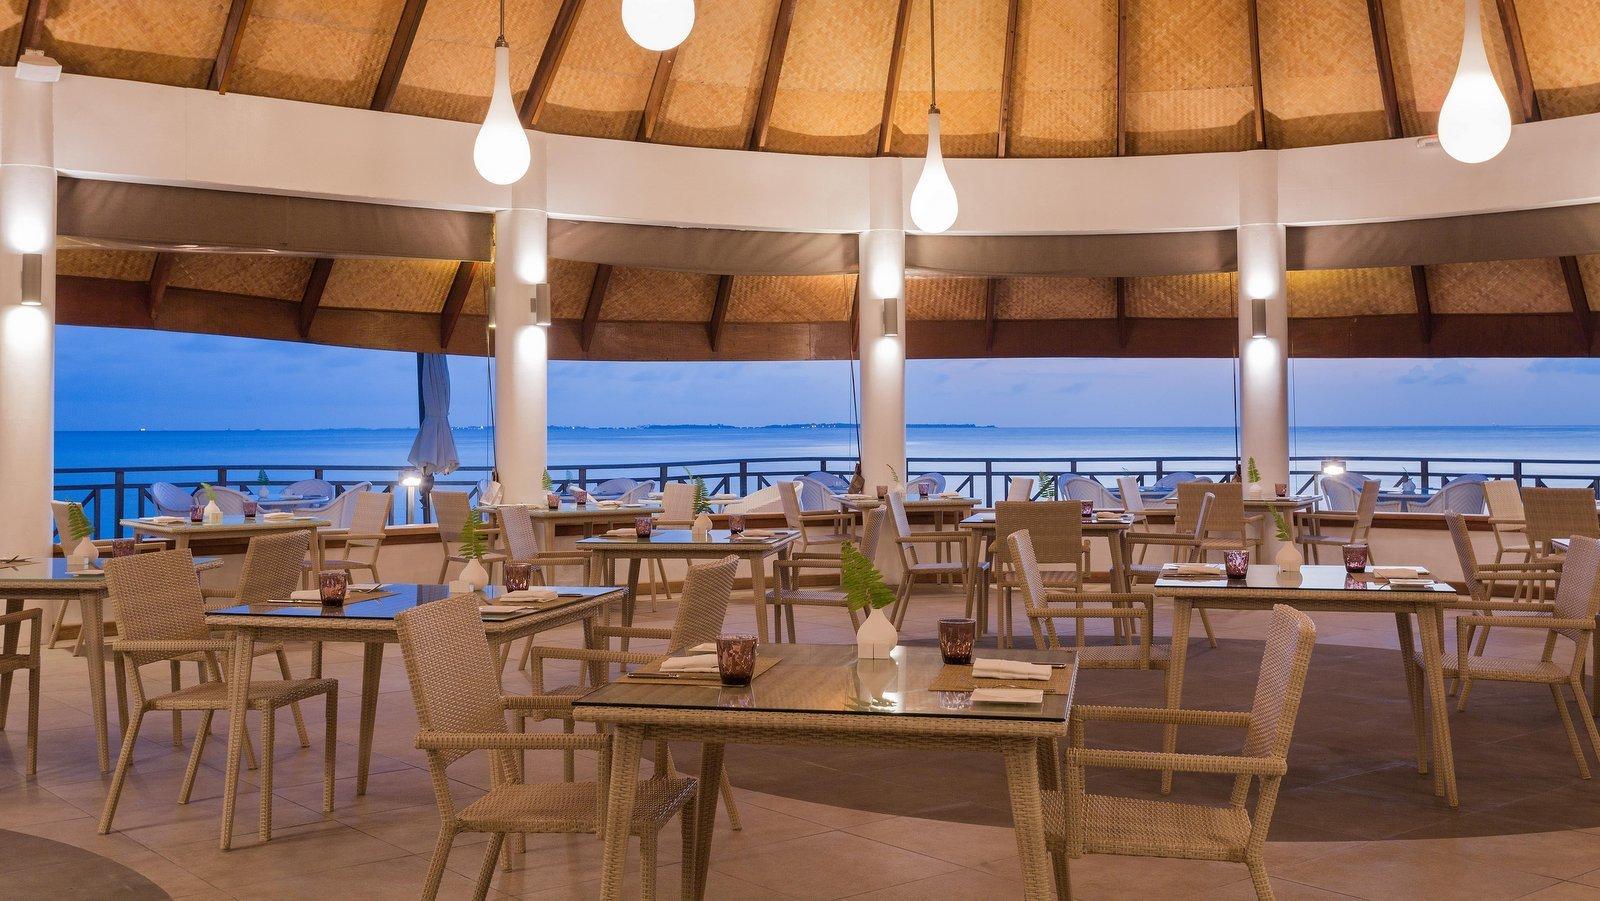 Мальдивы, отель Bandos Maldives, ресторан Sea Breeze